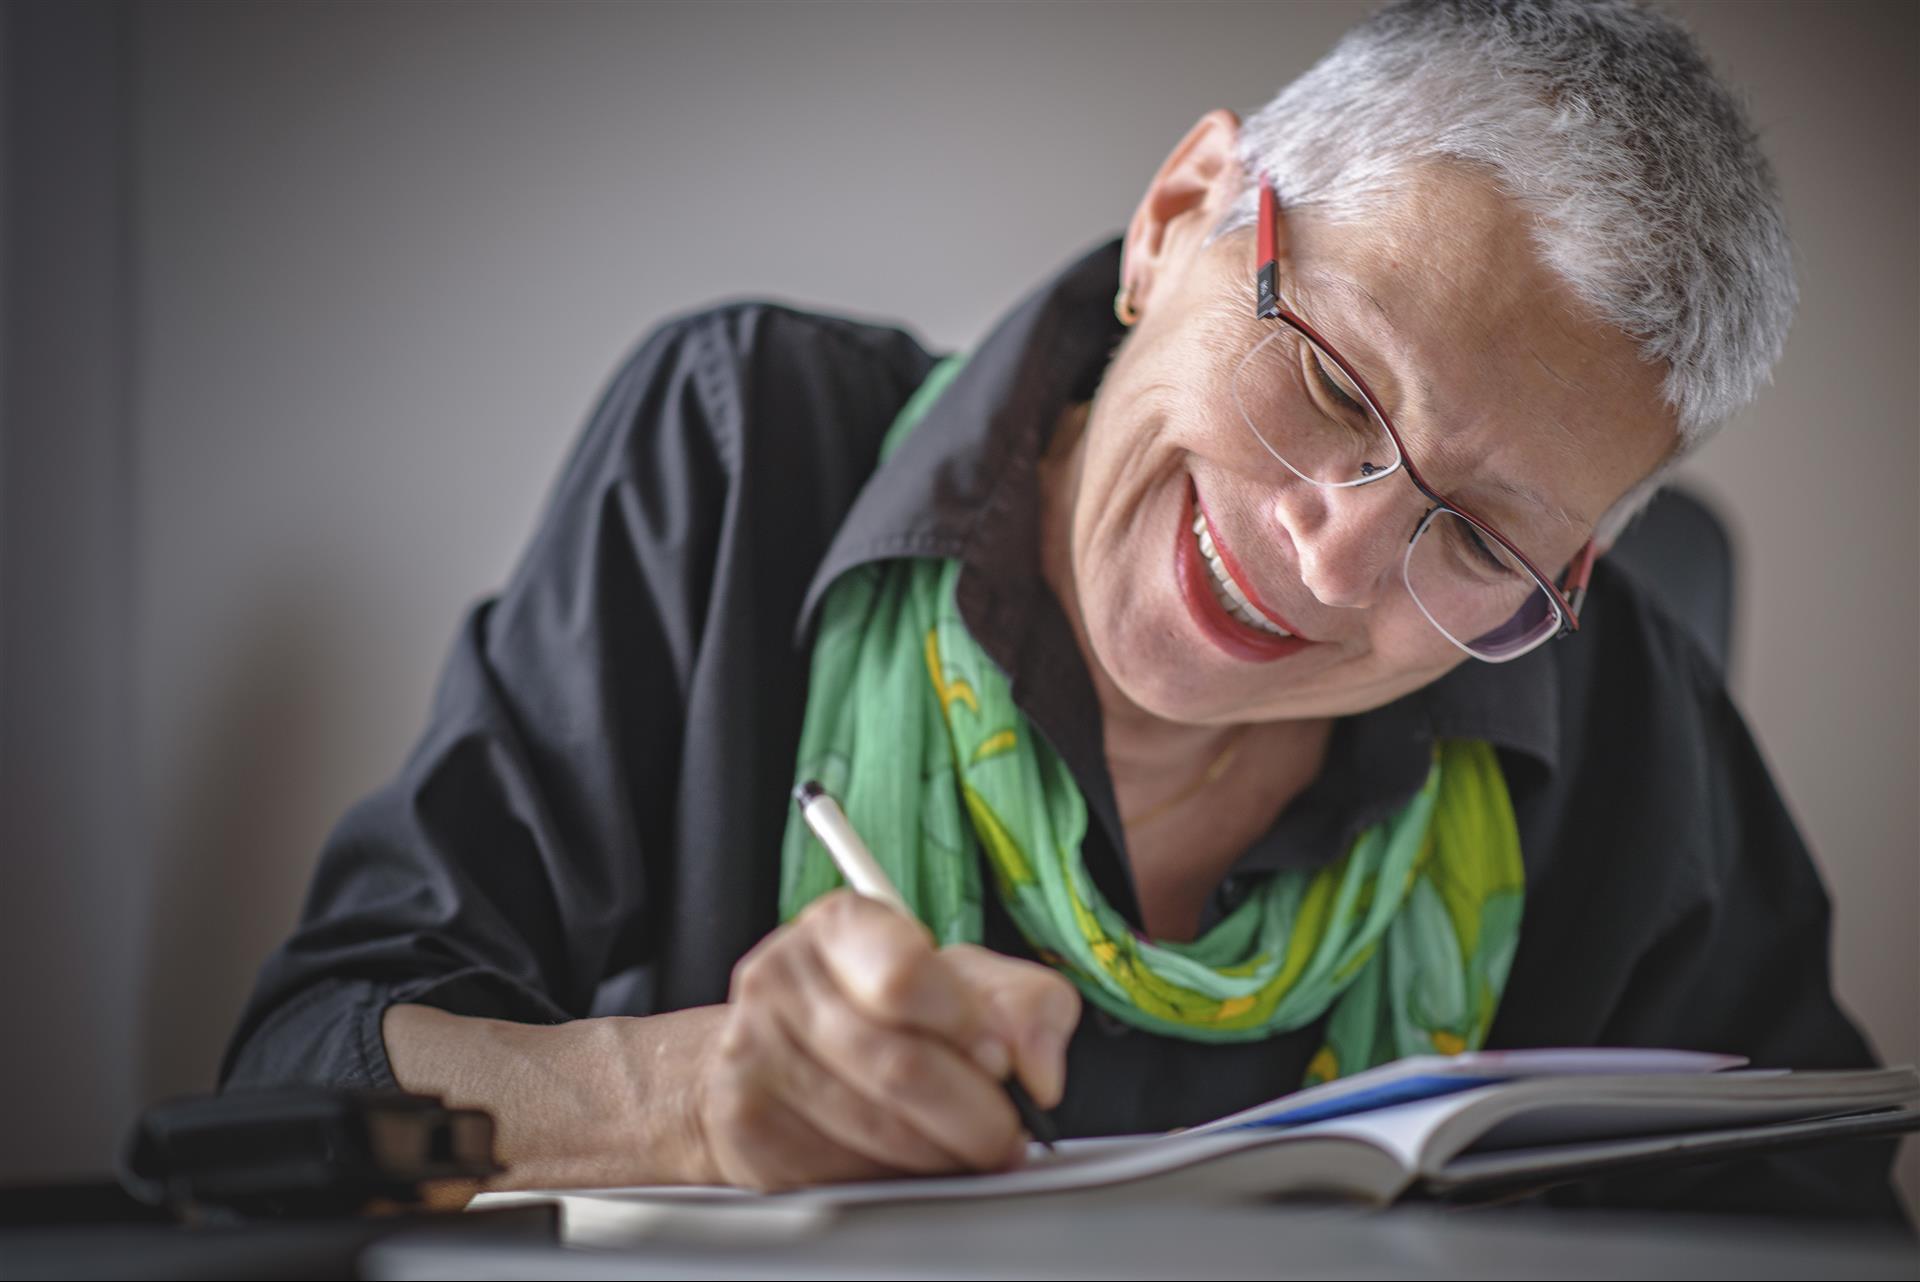 Tips on Writing Your Memoir